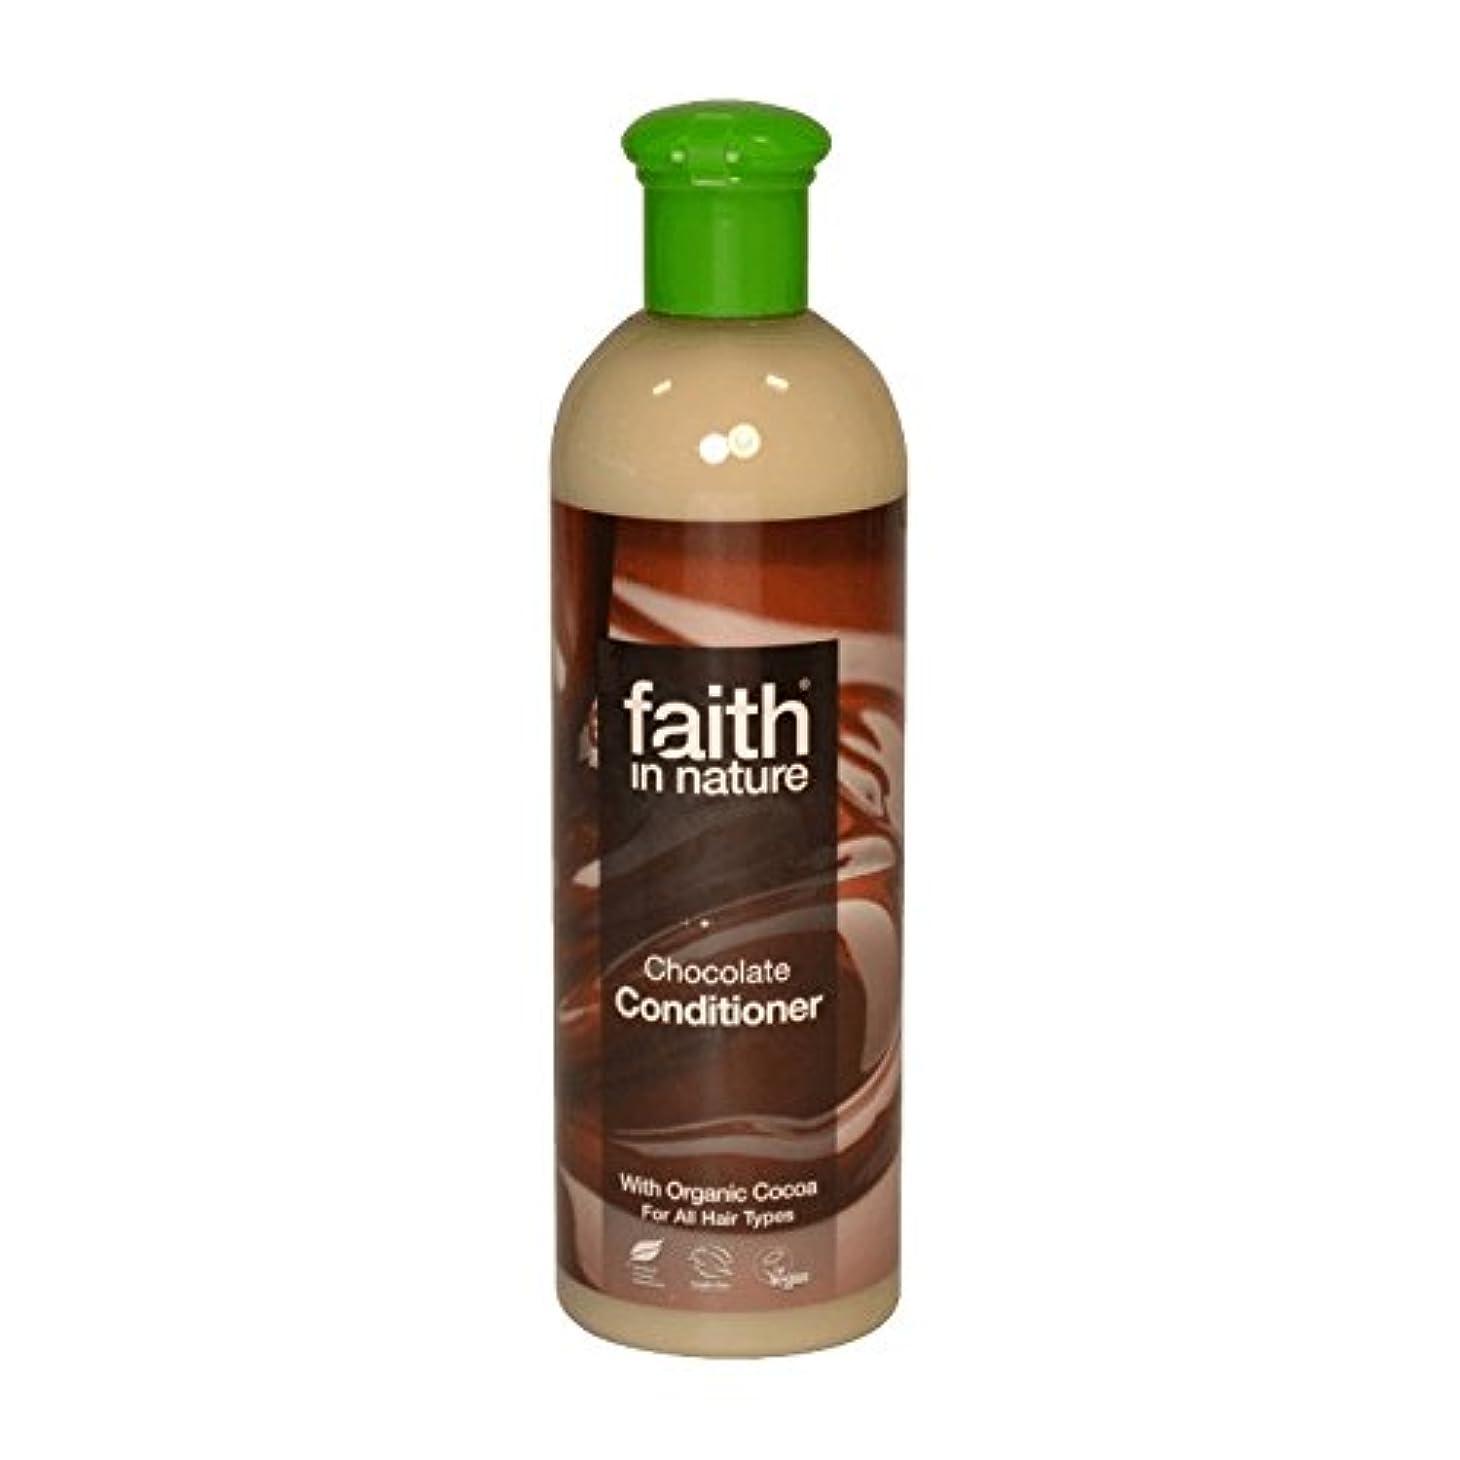 回転するオリエンタルカウントアップ自然チョコレートコンディショナー400ミリリットルの信仰 - Faith In Nature Chocolate Conditioner 400ml (Faith in Nature) [並行輸入品]